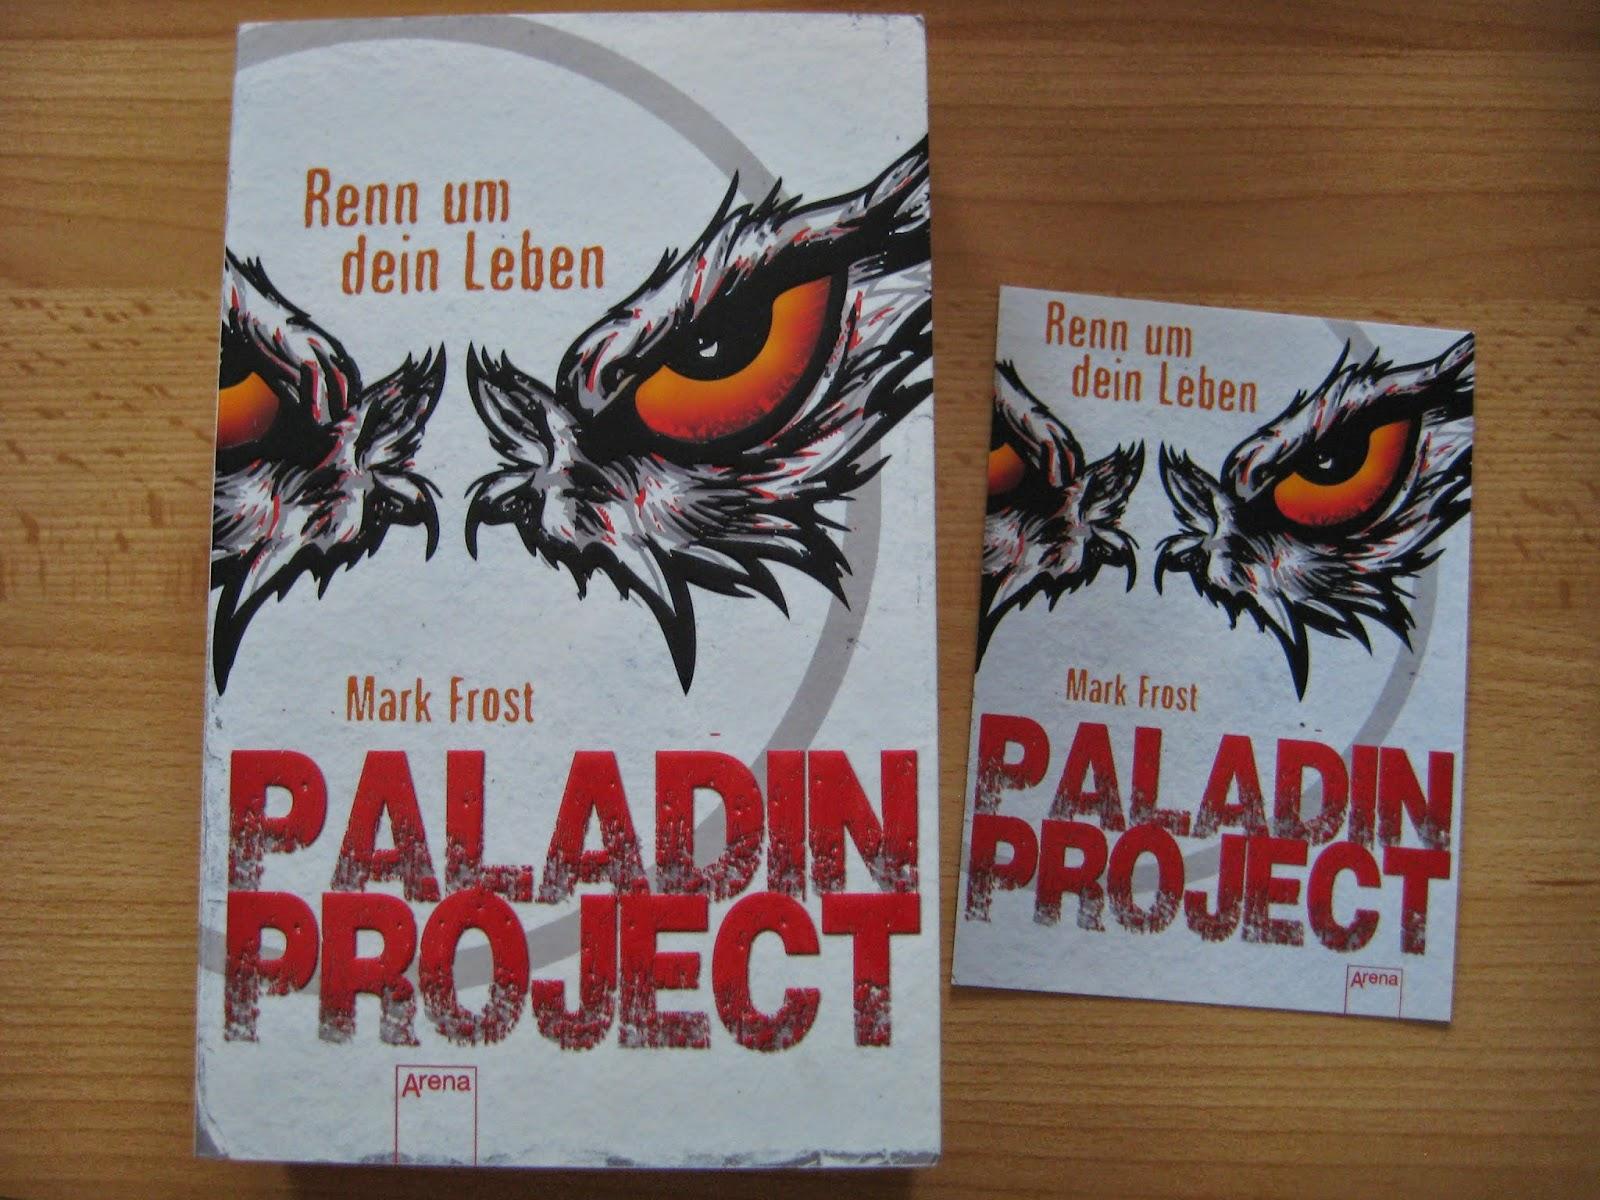 http://www.arena-verlag.de/artikel/paladin-project-1-renn-um-dein-leben-978-3-401-06925-8